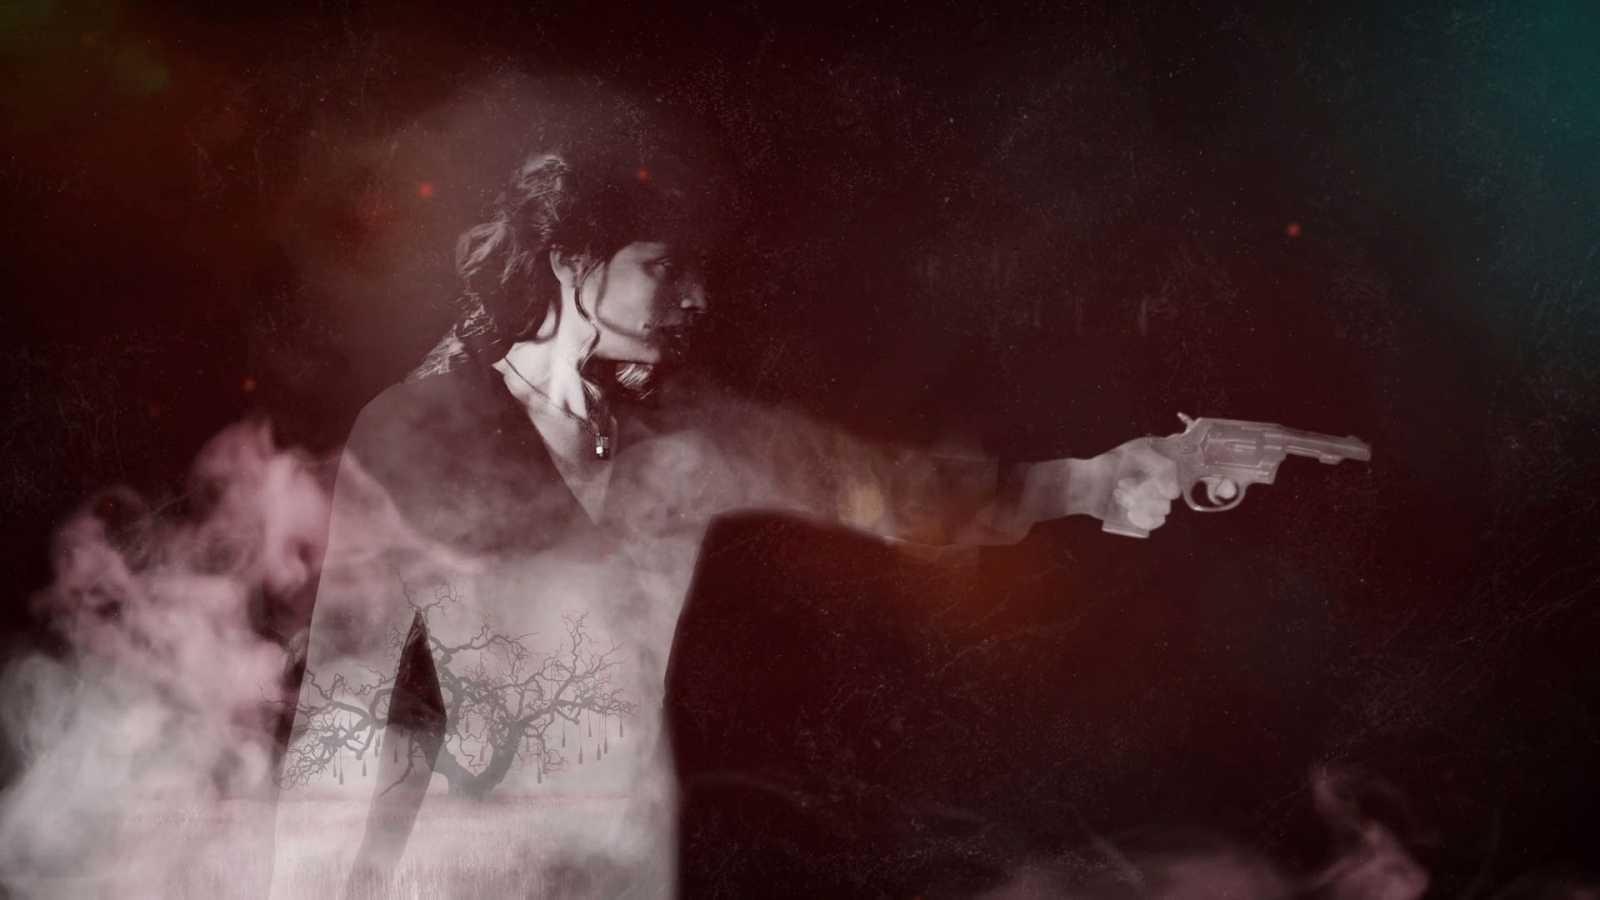 'El Continental', la serie creada por Frank Ariza y protagonizada por Michelle Jenner y Alex García llega muy pronto a La 1. Para ir abriendo boca ya tienes disponible su espectacular cabecera.